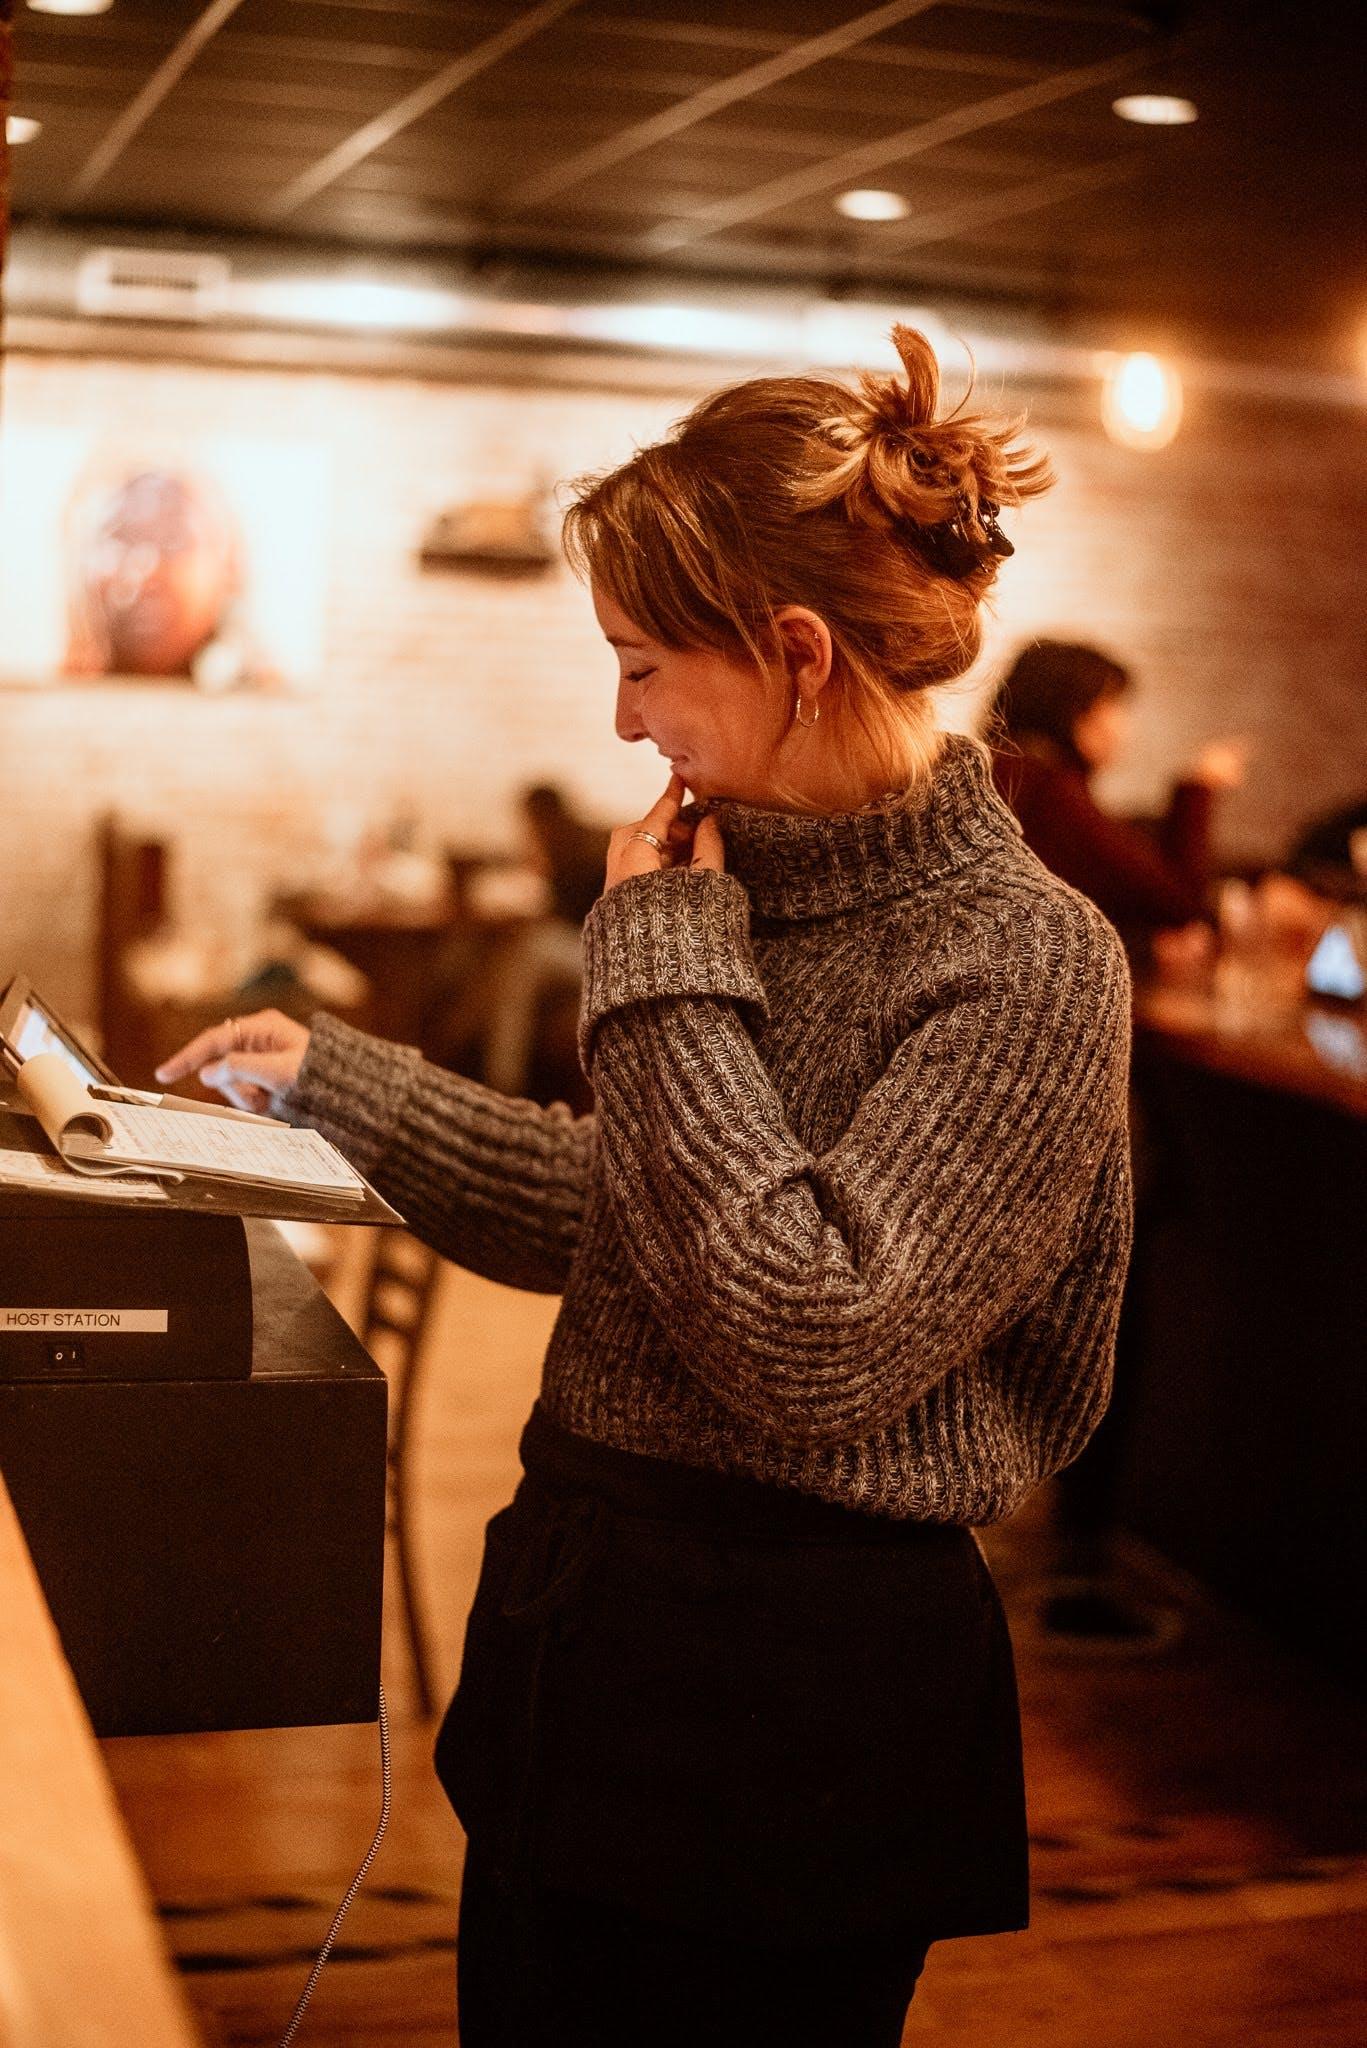 a waitress standing